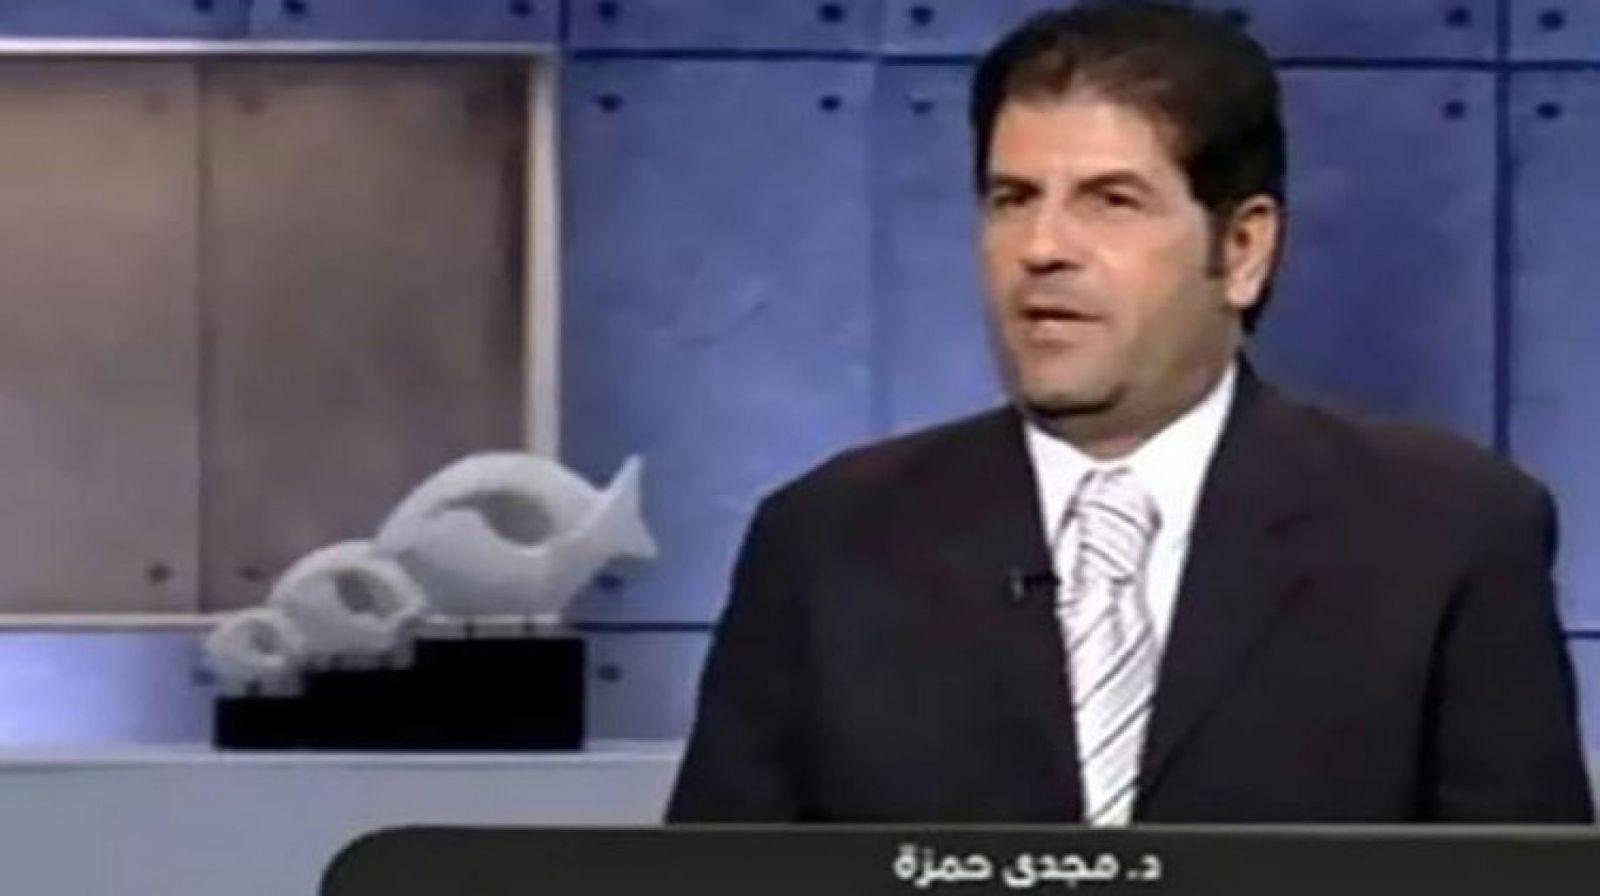 الدكتور مجدي حمزة الخبير التربوي